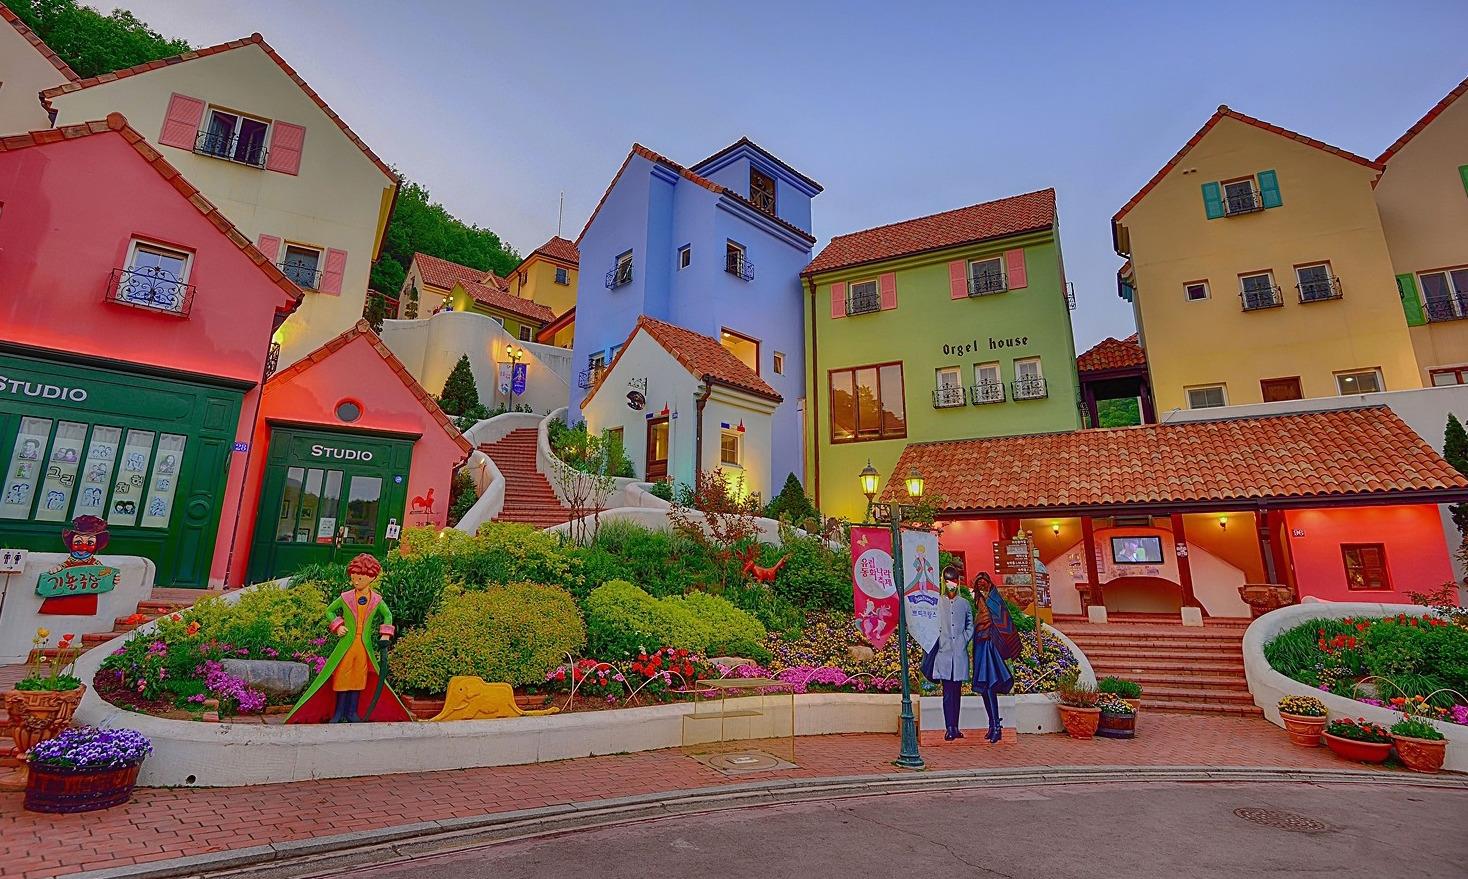 首尔自助行景点  小法国村